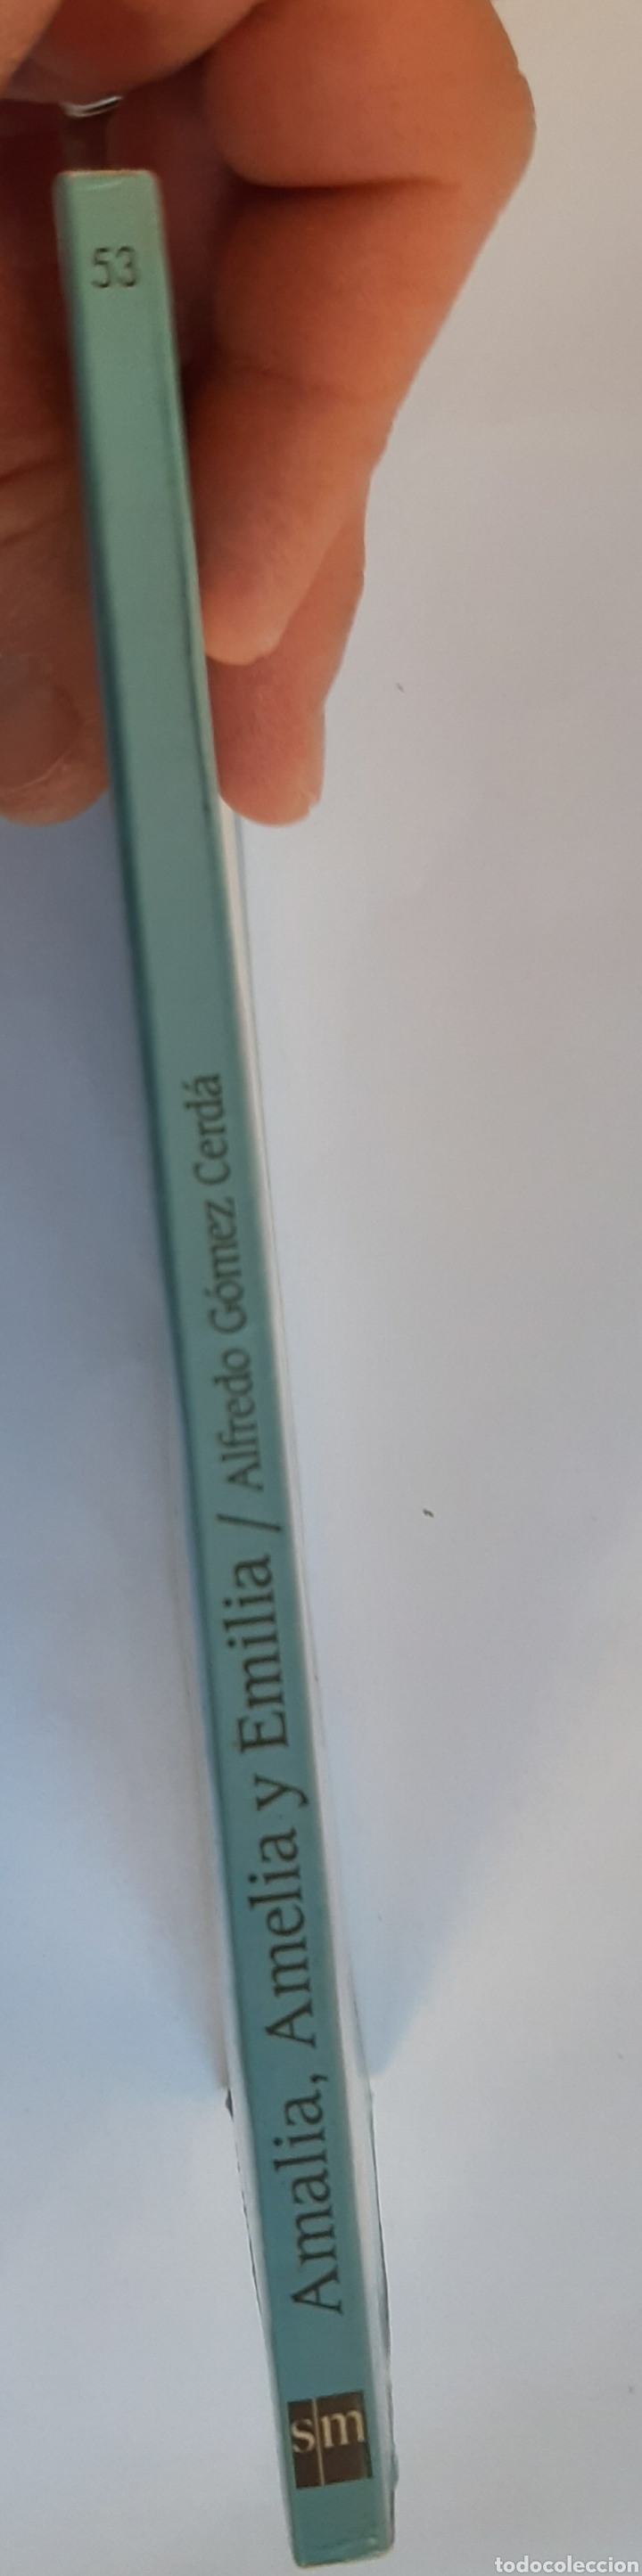 Libros: Amalia, Amelia y Emilia, el barco de vapor número 53, S.M - Foto 3 - 234507840